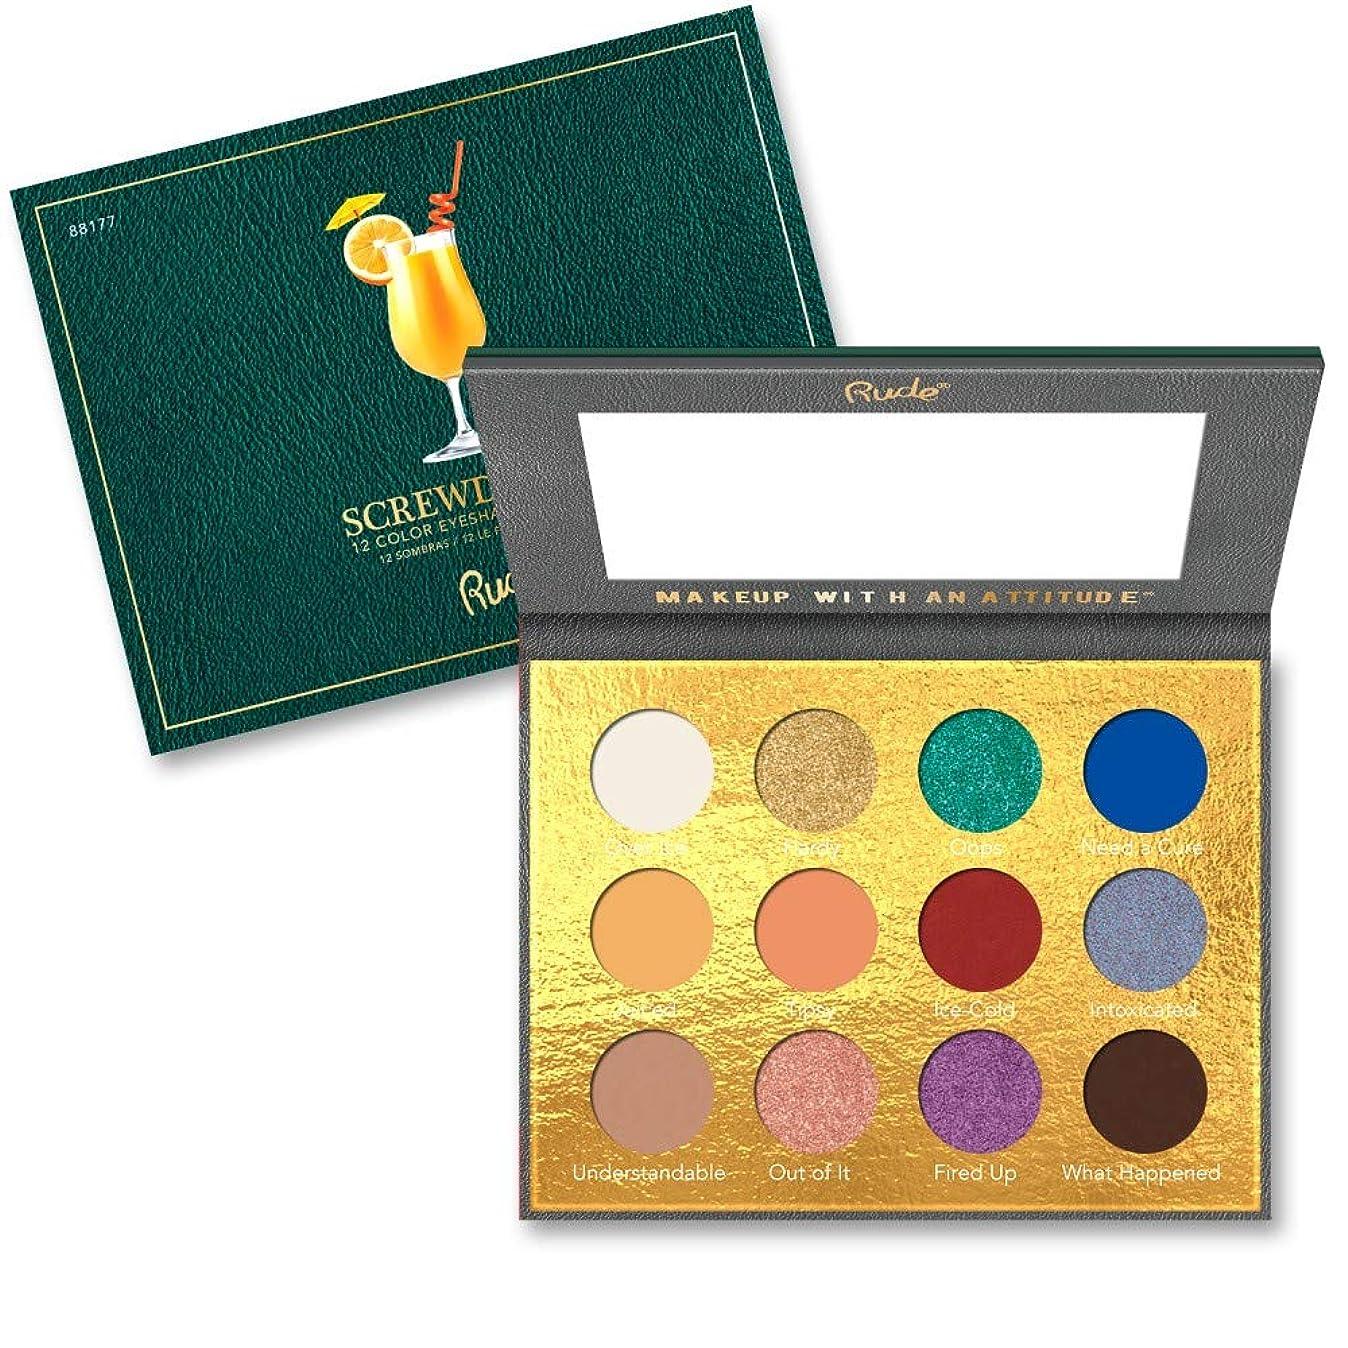 あらゆる種類の会うベットRUDE? Cocktail Party 12 Color Eyeshadow Palette - Screwdriver (並行輸入品)